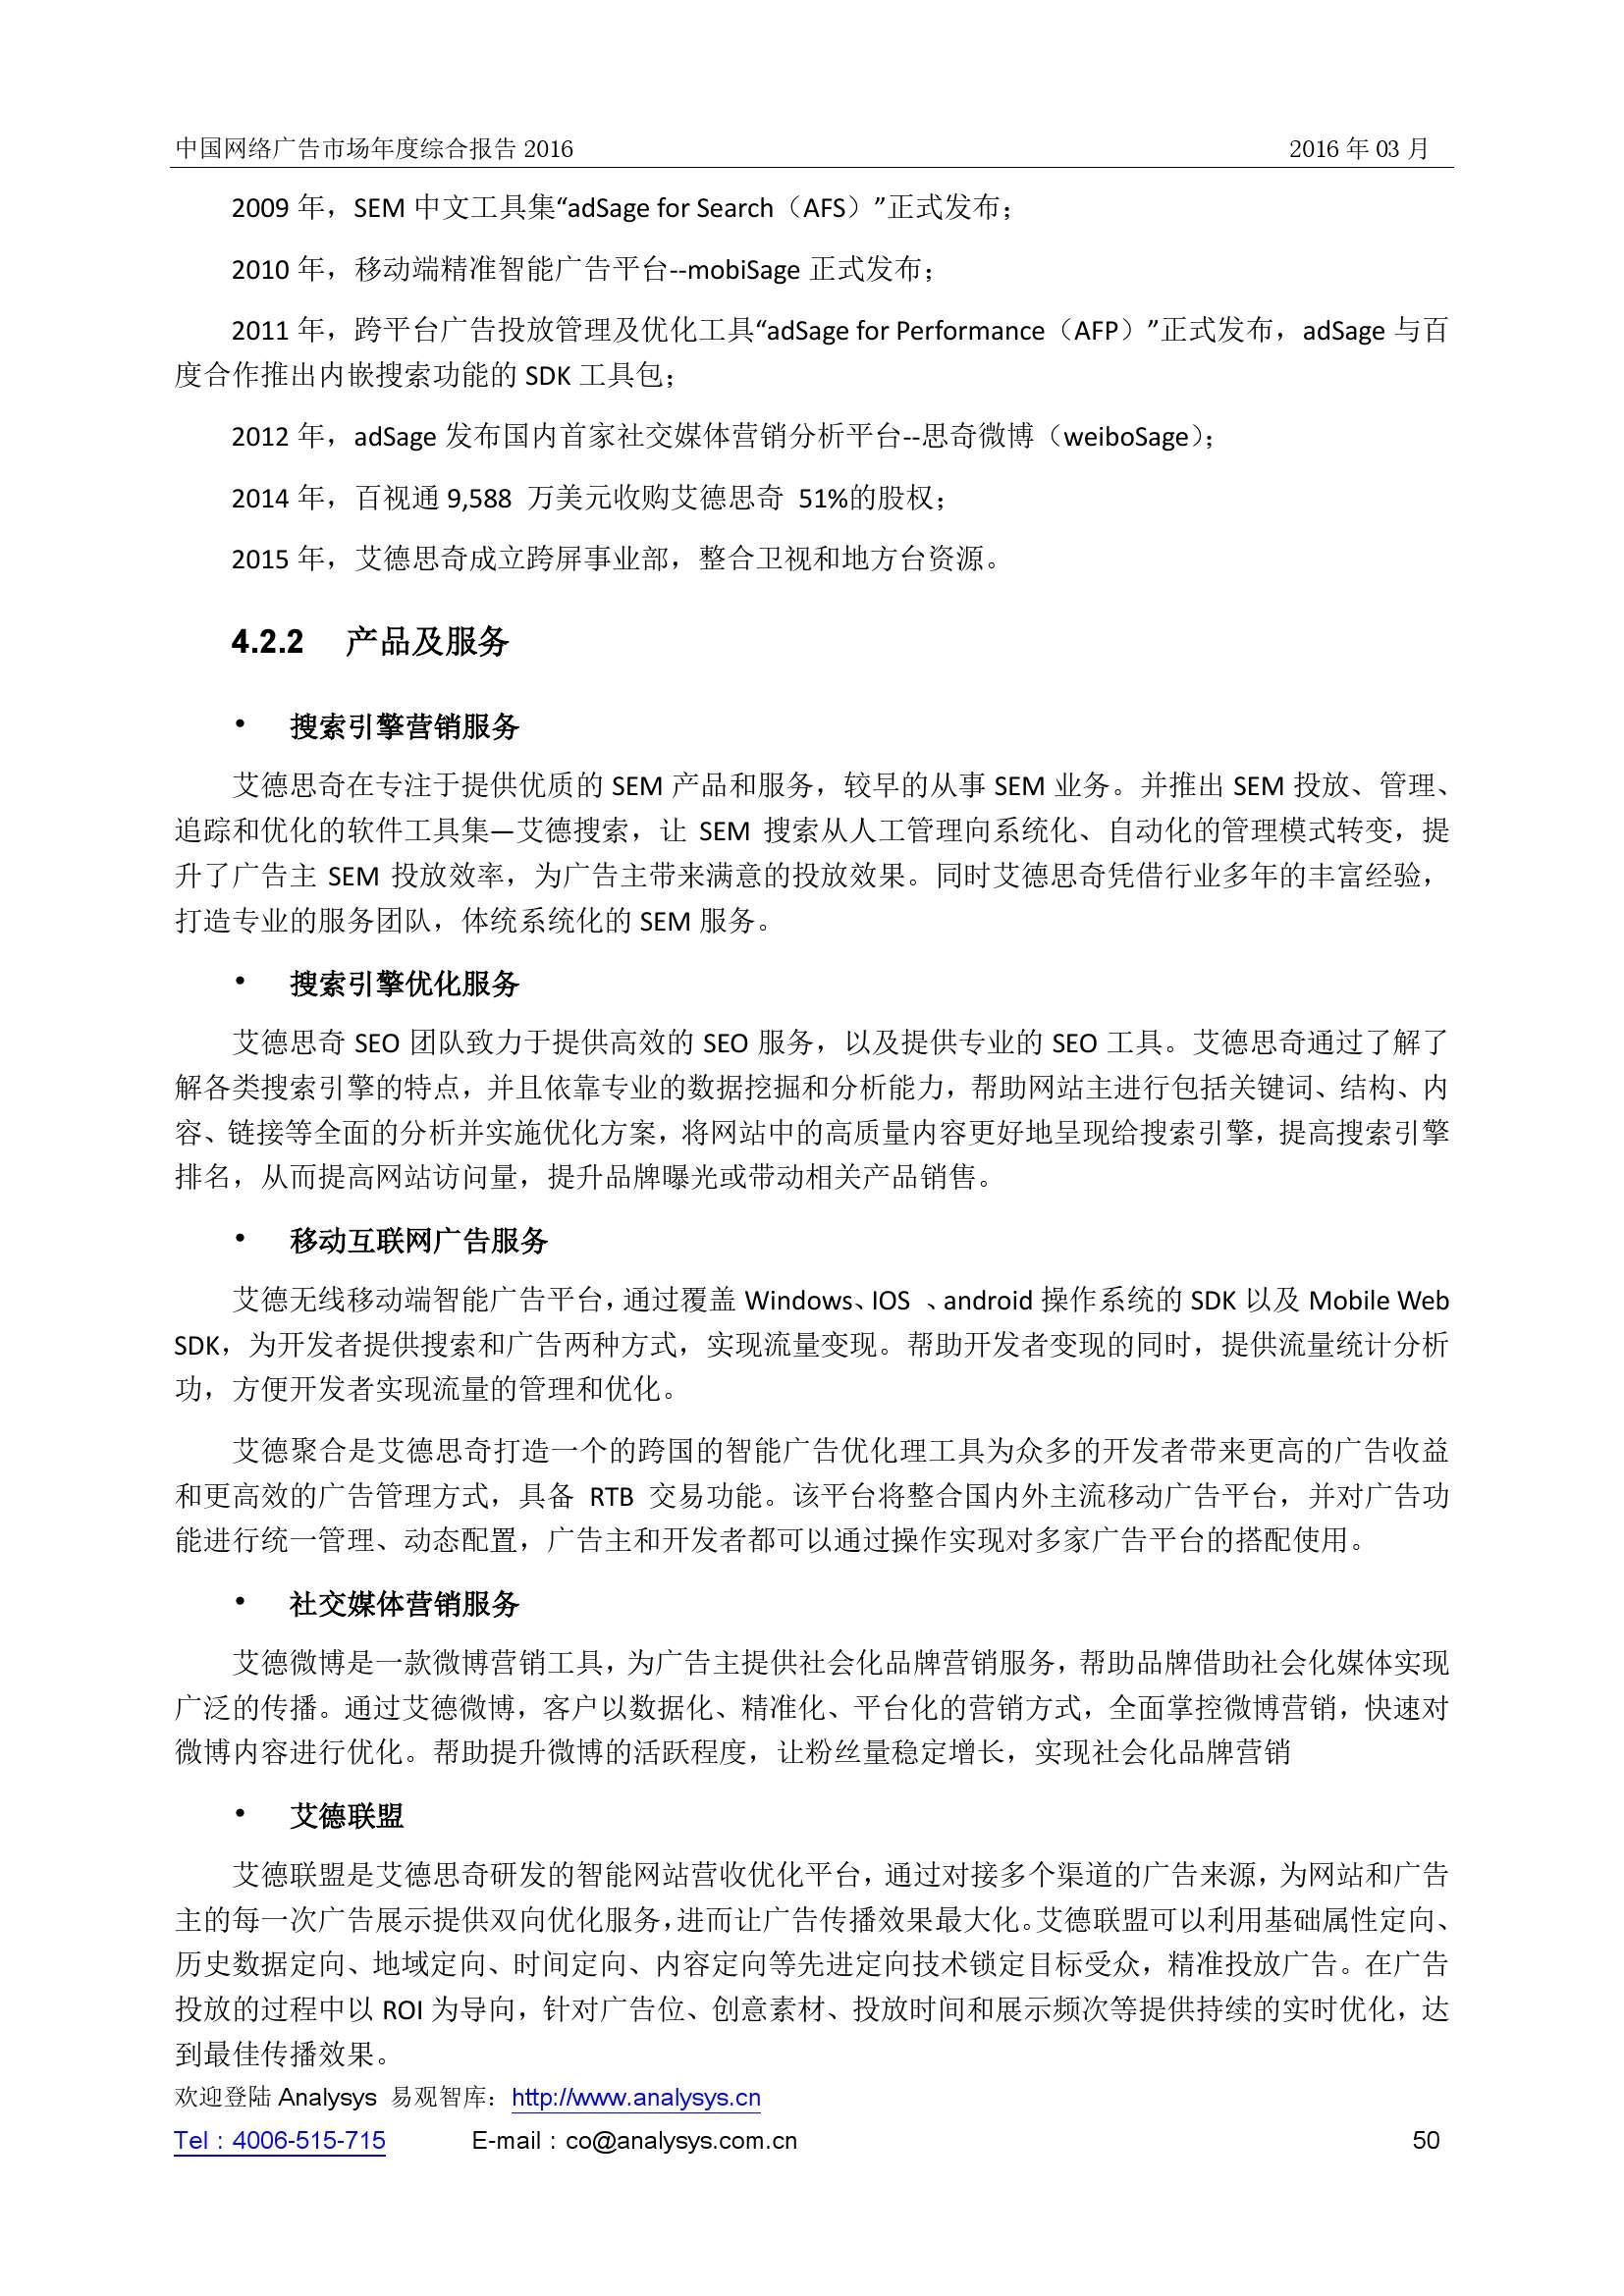 中国网络广告市场年度综合报告2016_000050